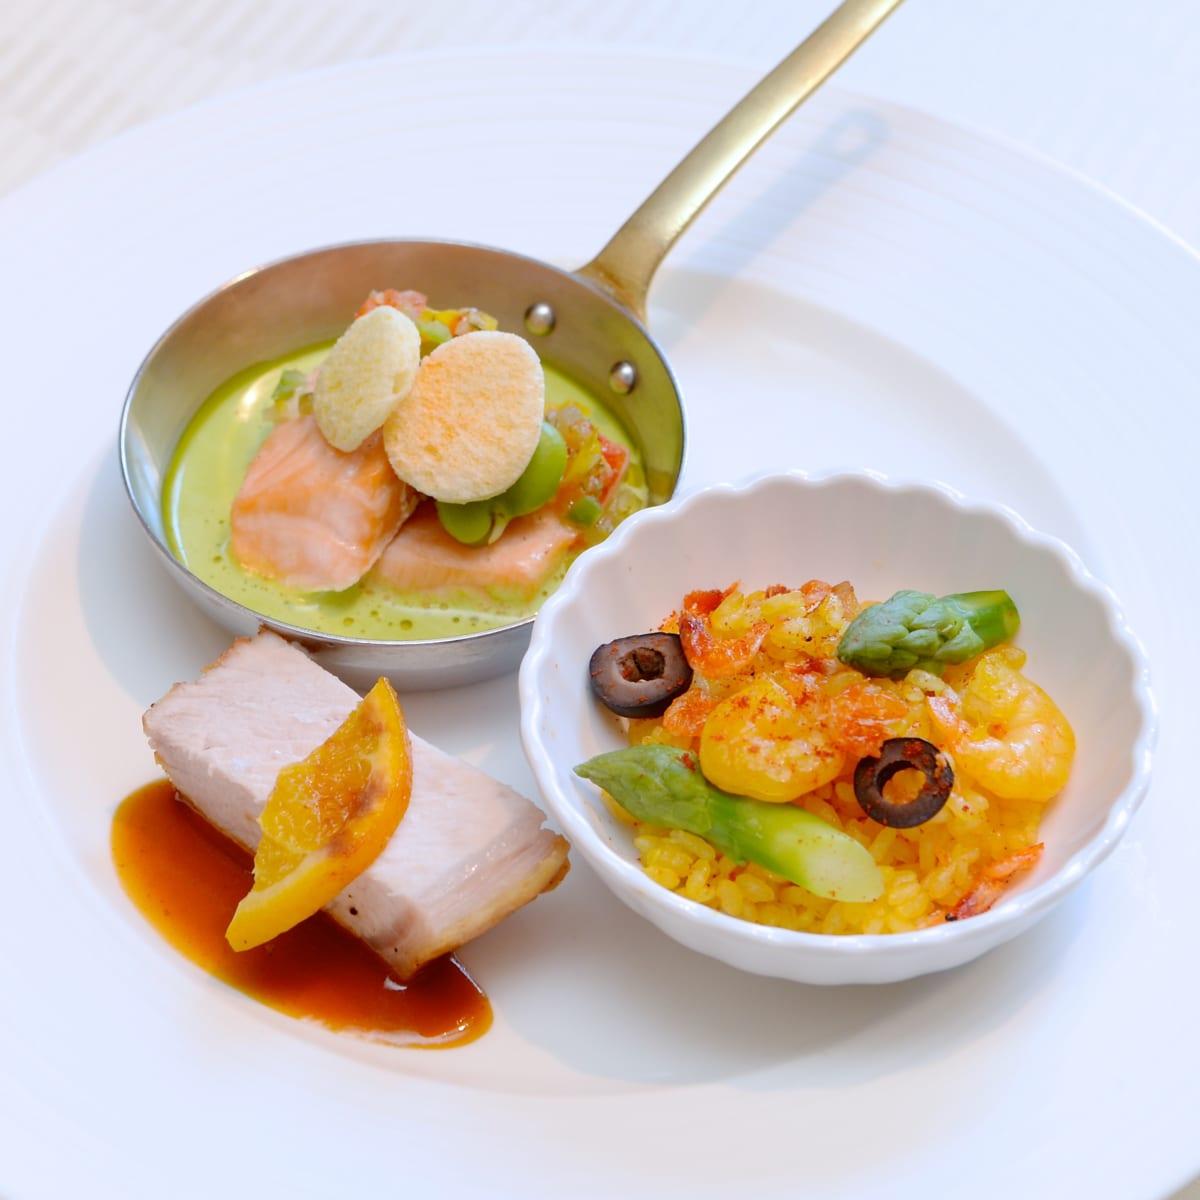 東京ディズニーシー・ホテルミラコスタ オチェーアノ ディズニー・イースター2019 ブッフェ あたたかい料理